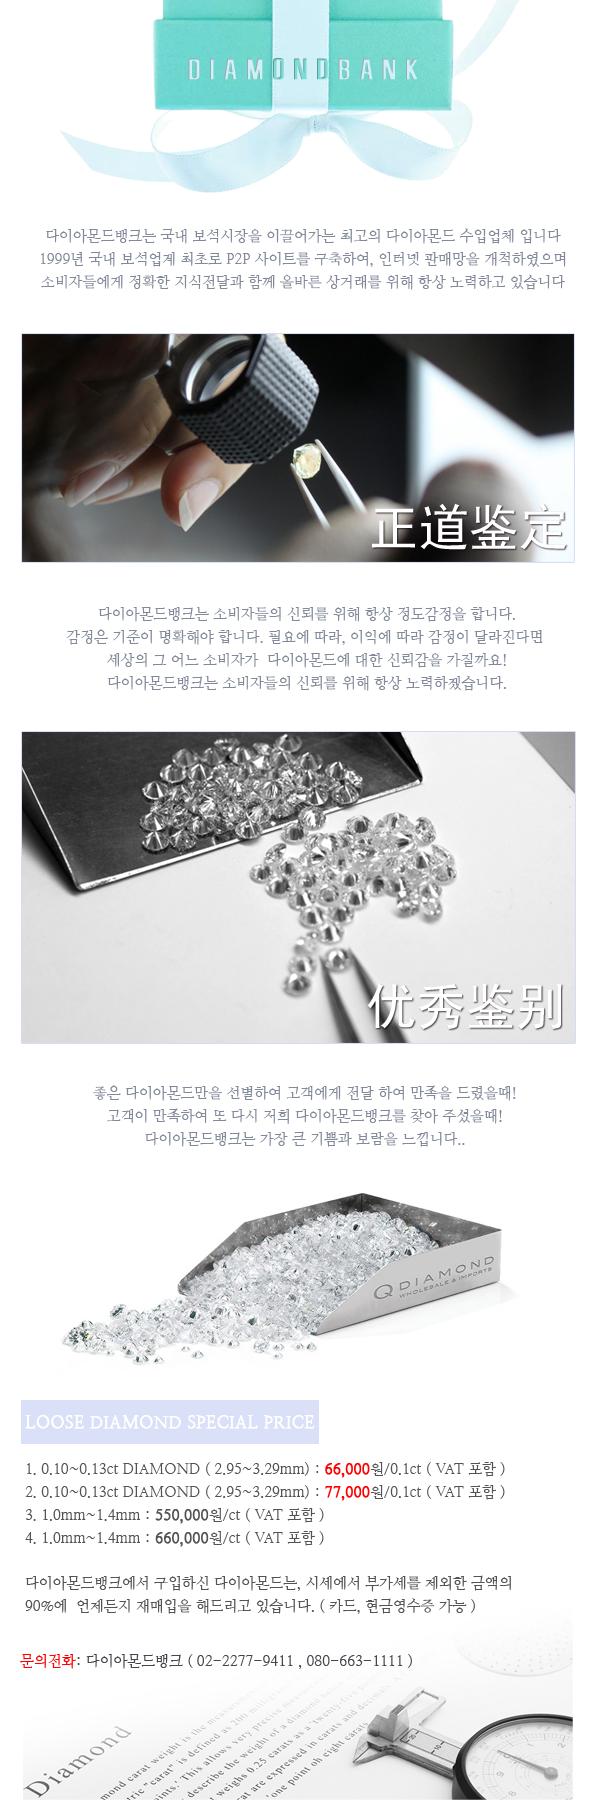 다이아몬드-설명.png